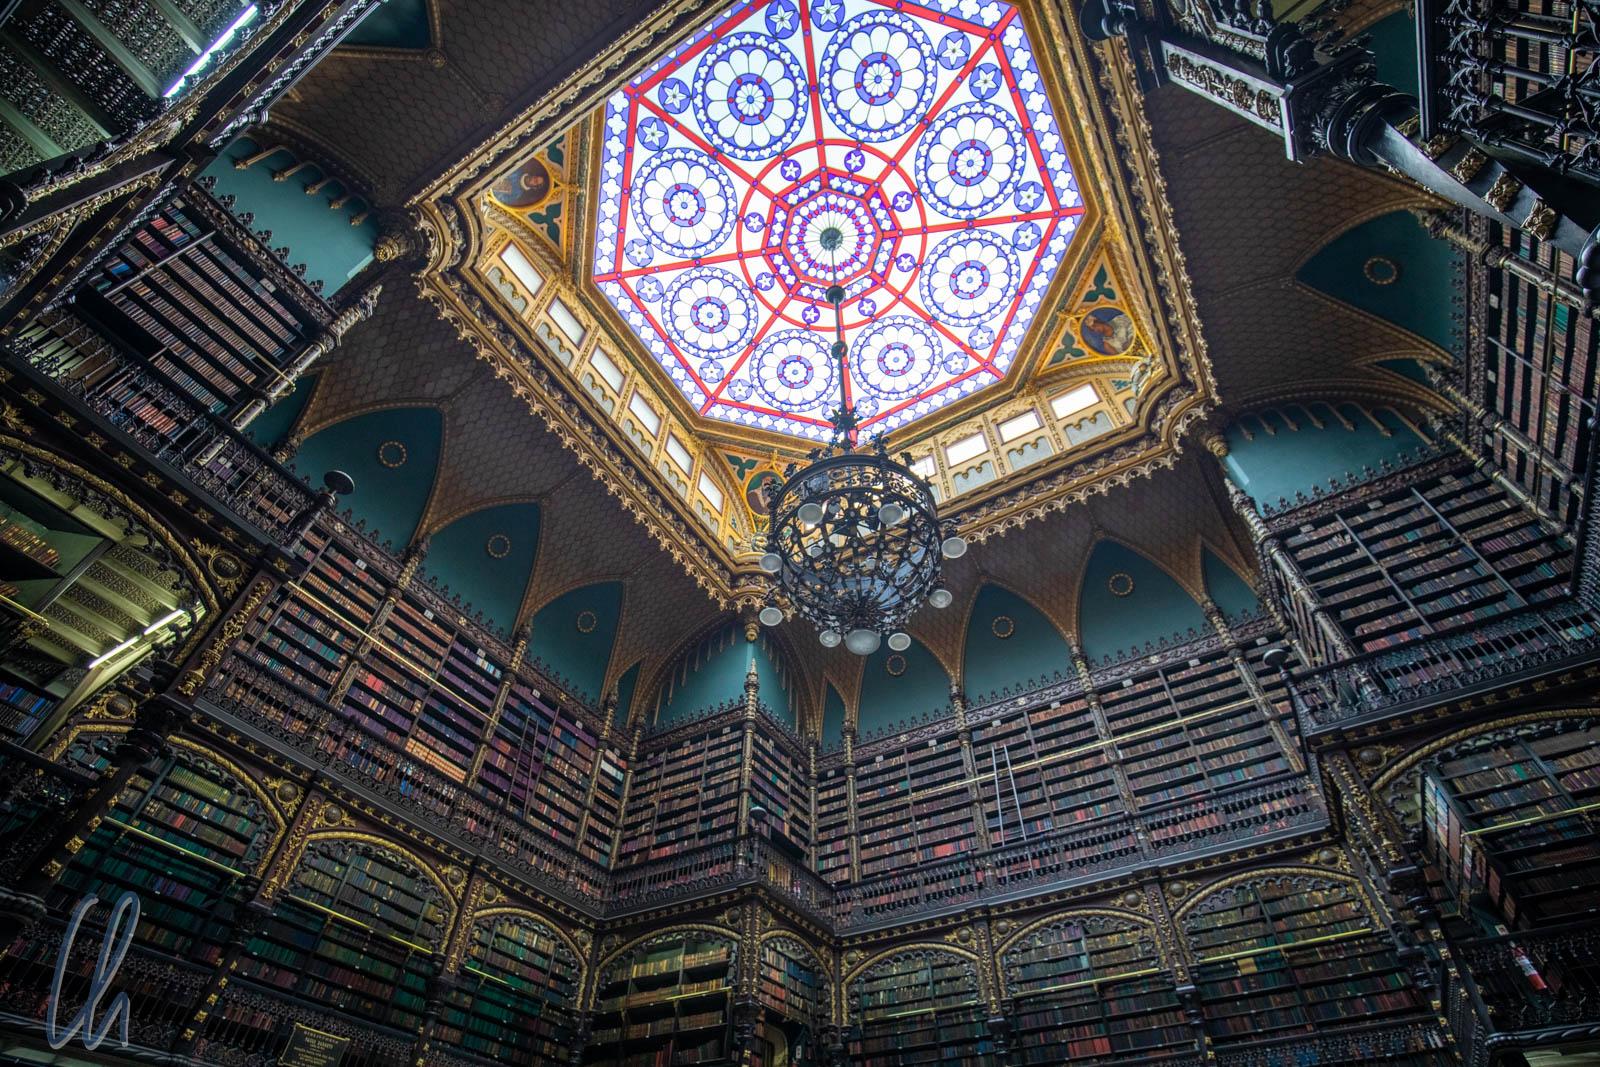 Lustre e vitrais do teto do Real Gabinete Português de Leitura (RGPL).